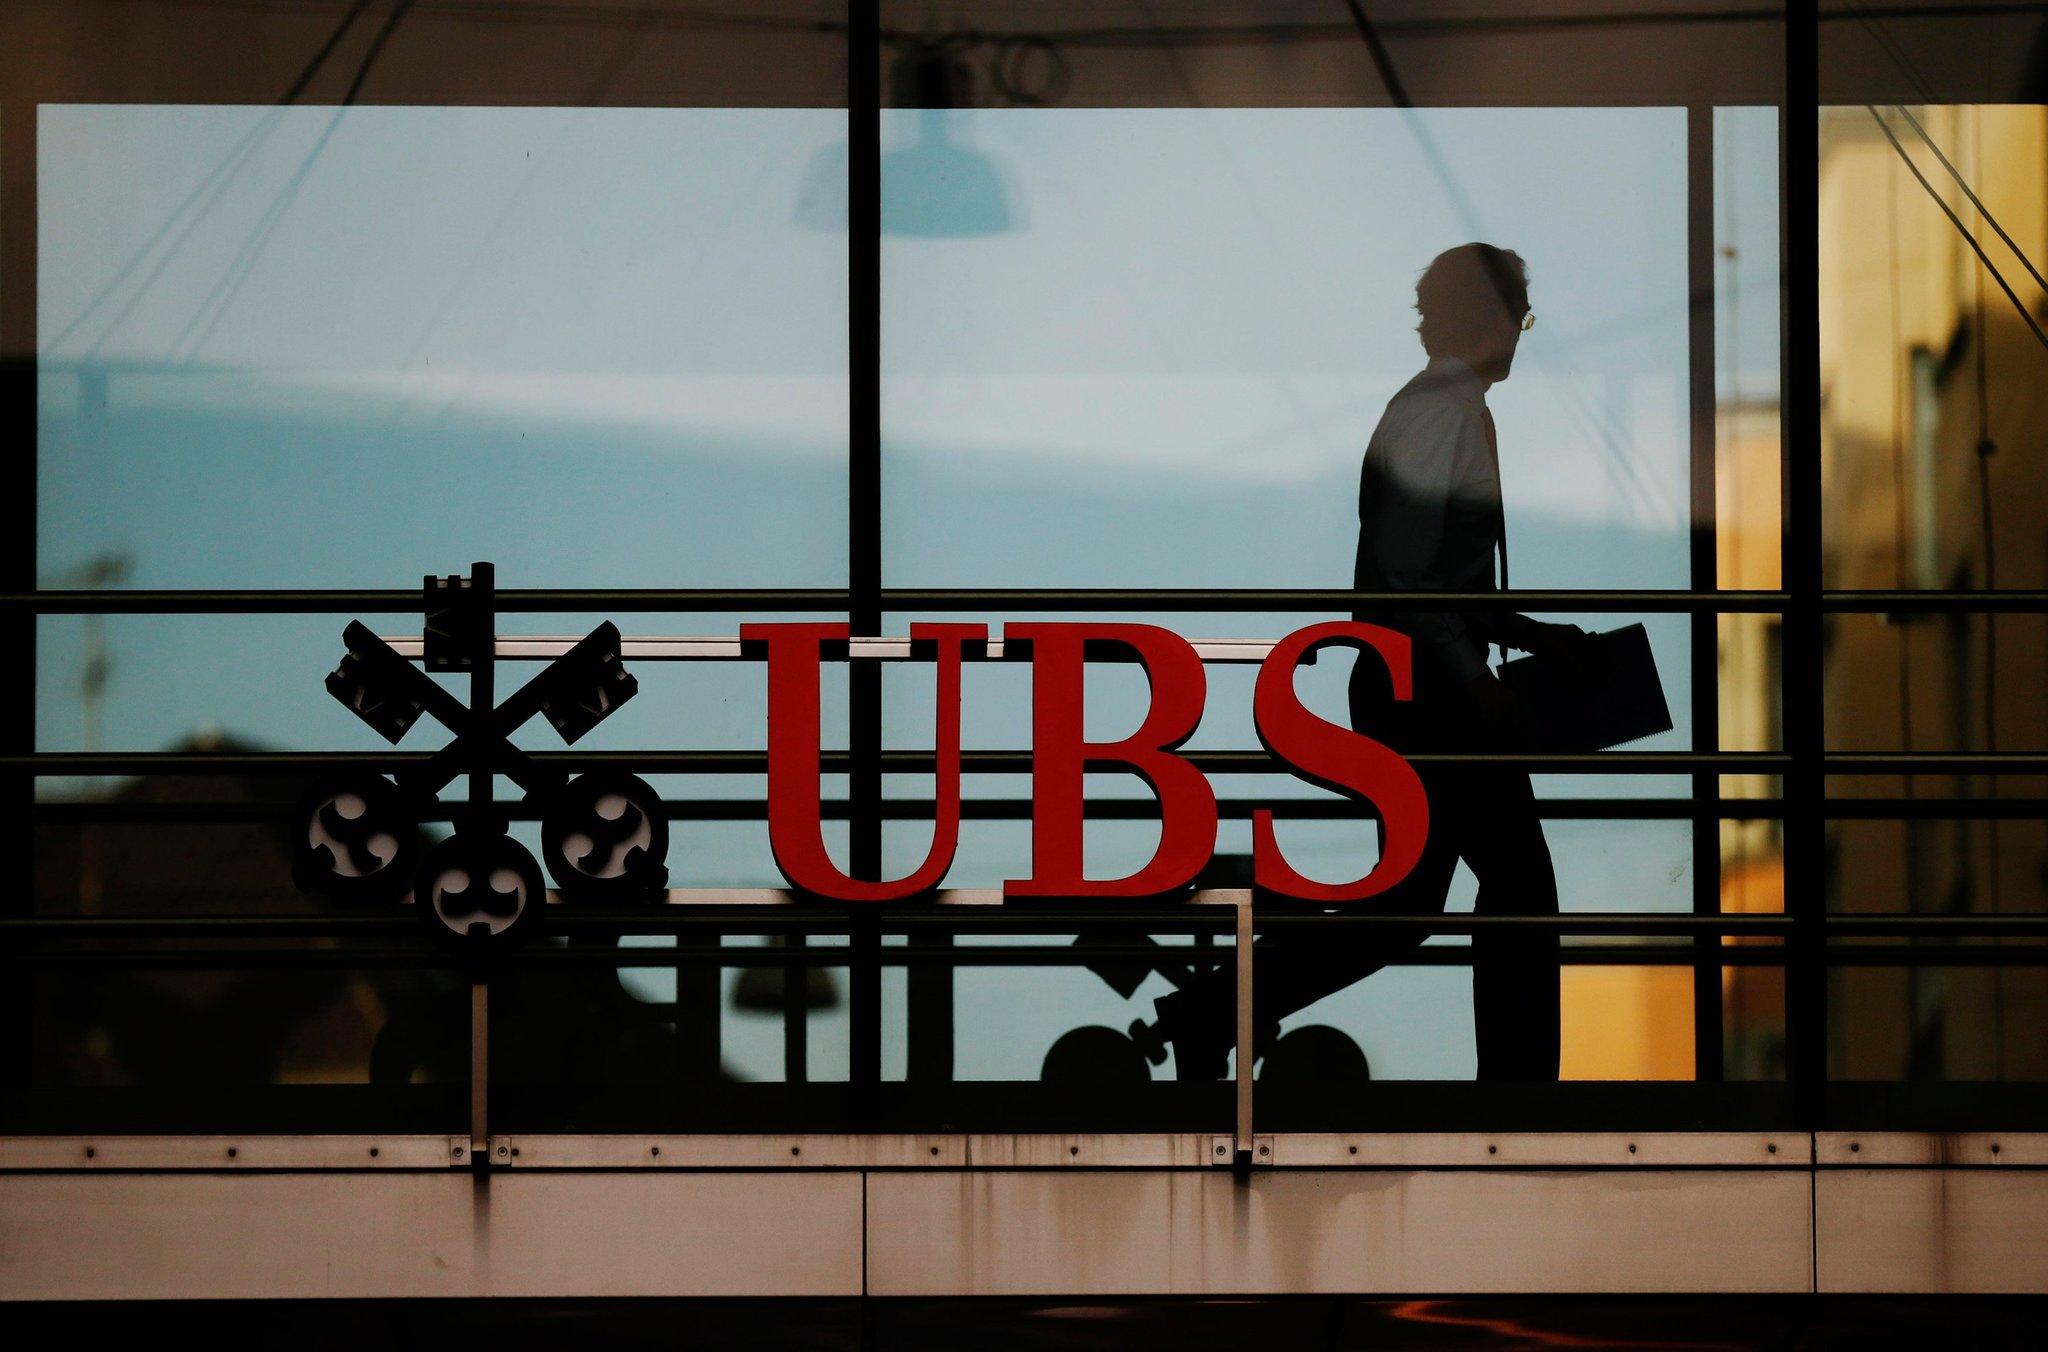 UBS повысил прогноз роста ВВП Испании, Франции и Германии